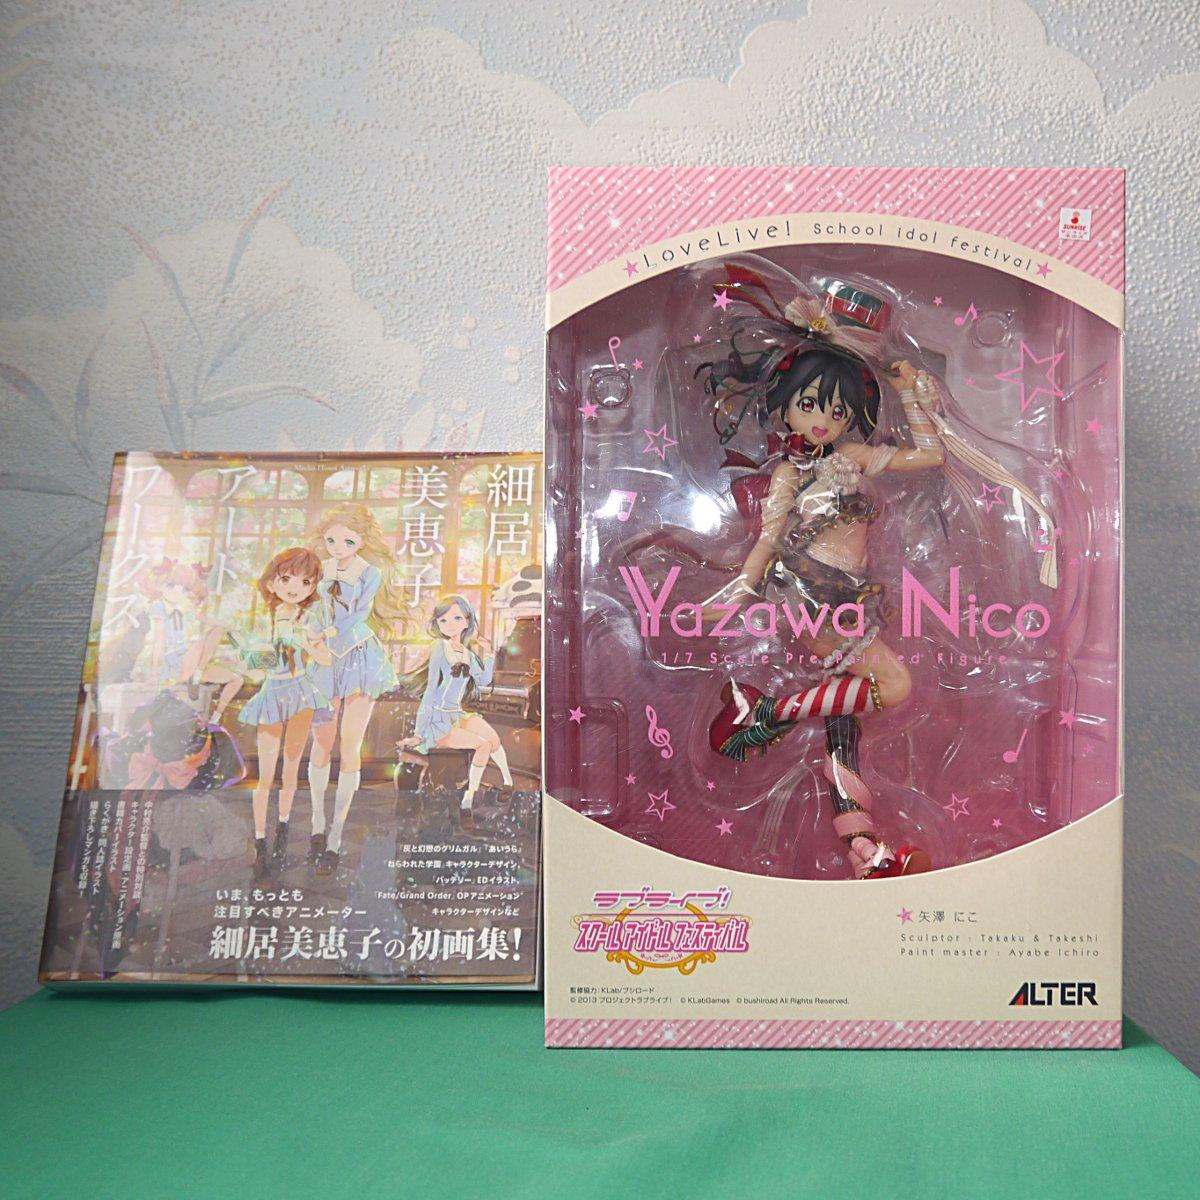 L&#39;artwork de Mieko Hosoi et la figurine Nico Yazawa de Love Live, sortie chez Alter l&#39;année dernière #loot <br>http://pic.twitter.com/CYVOgyDNRg